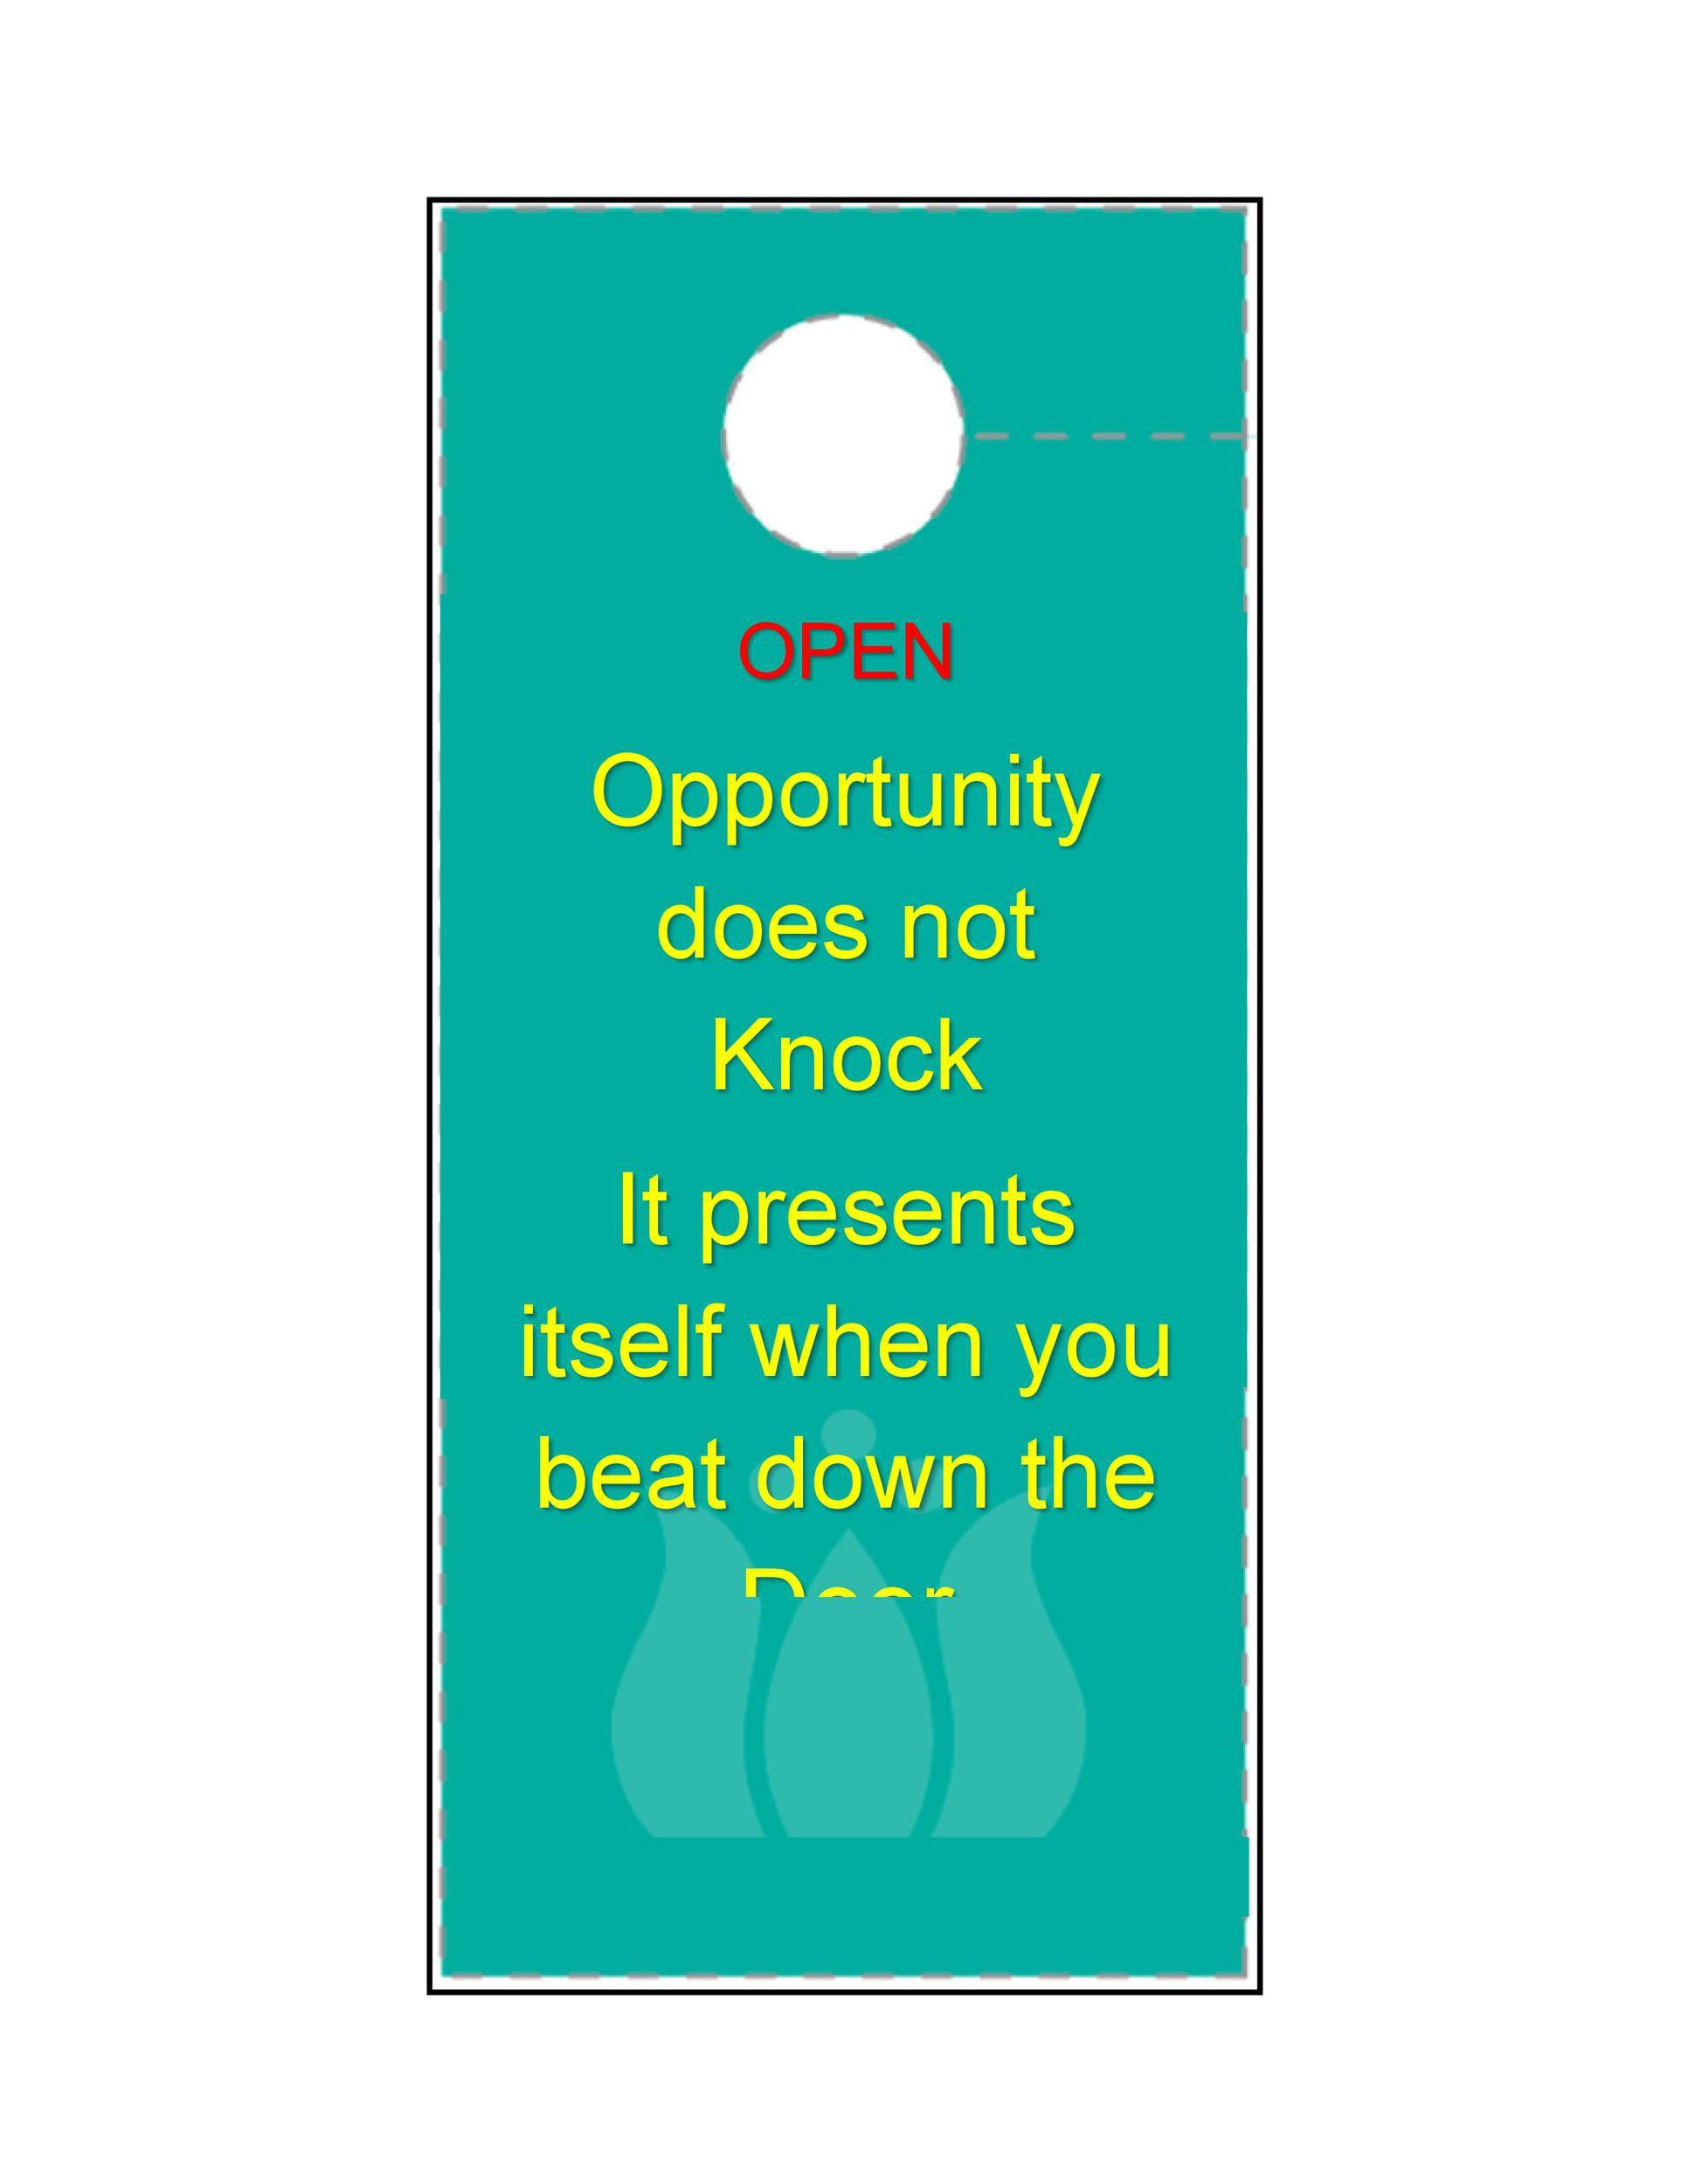 003 Amazing Free Download Door Hanger Template Inspiration Full